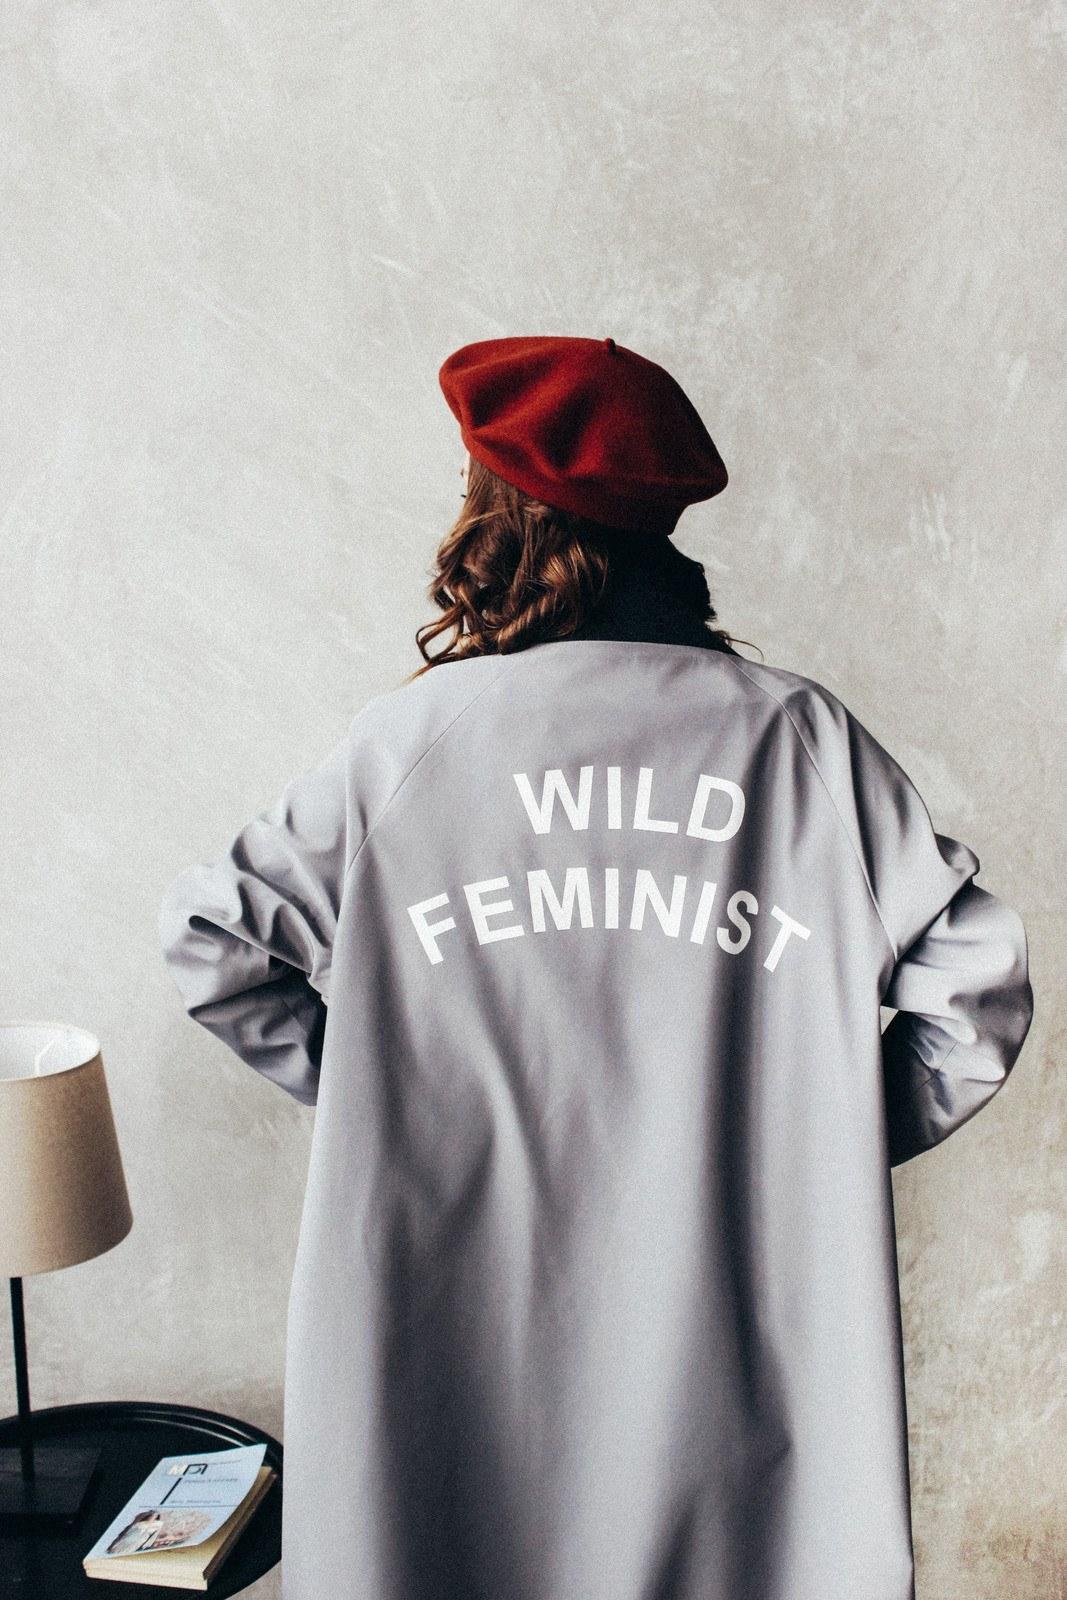 Feminist dating